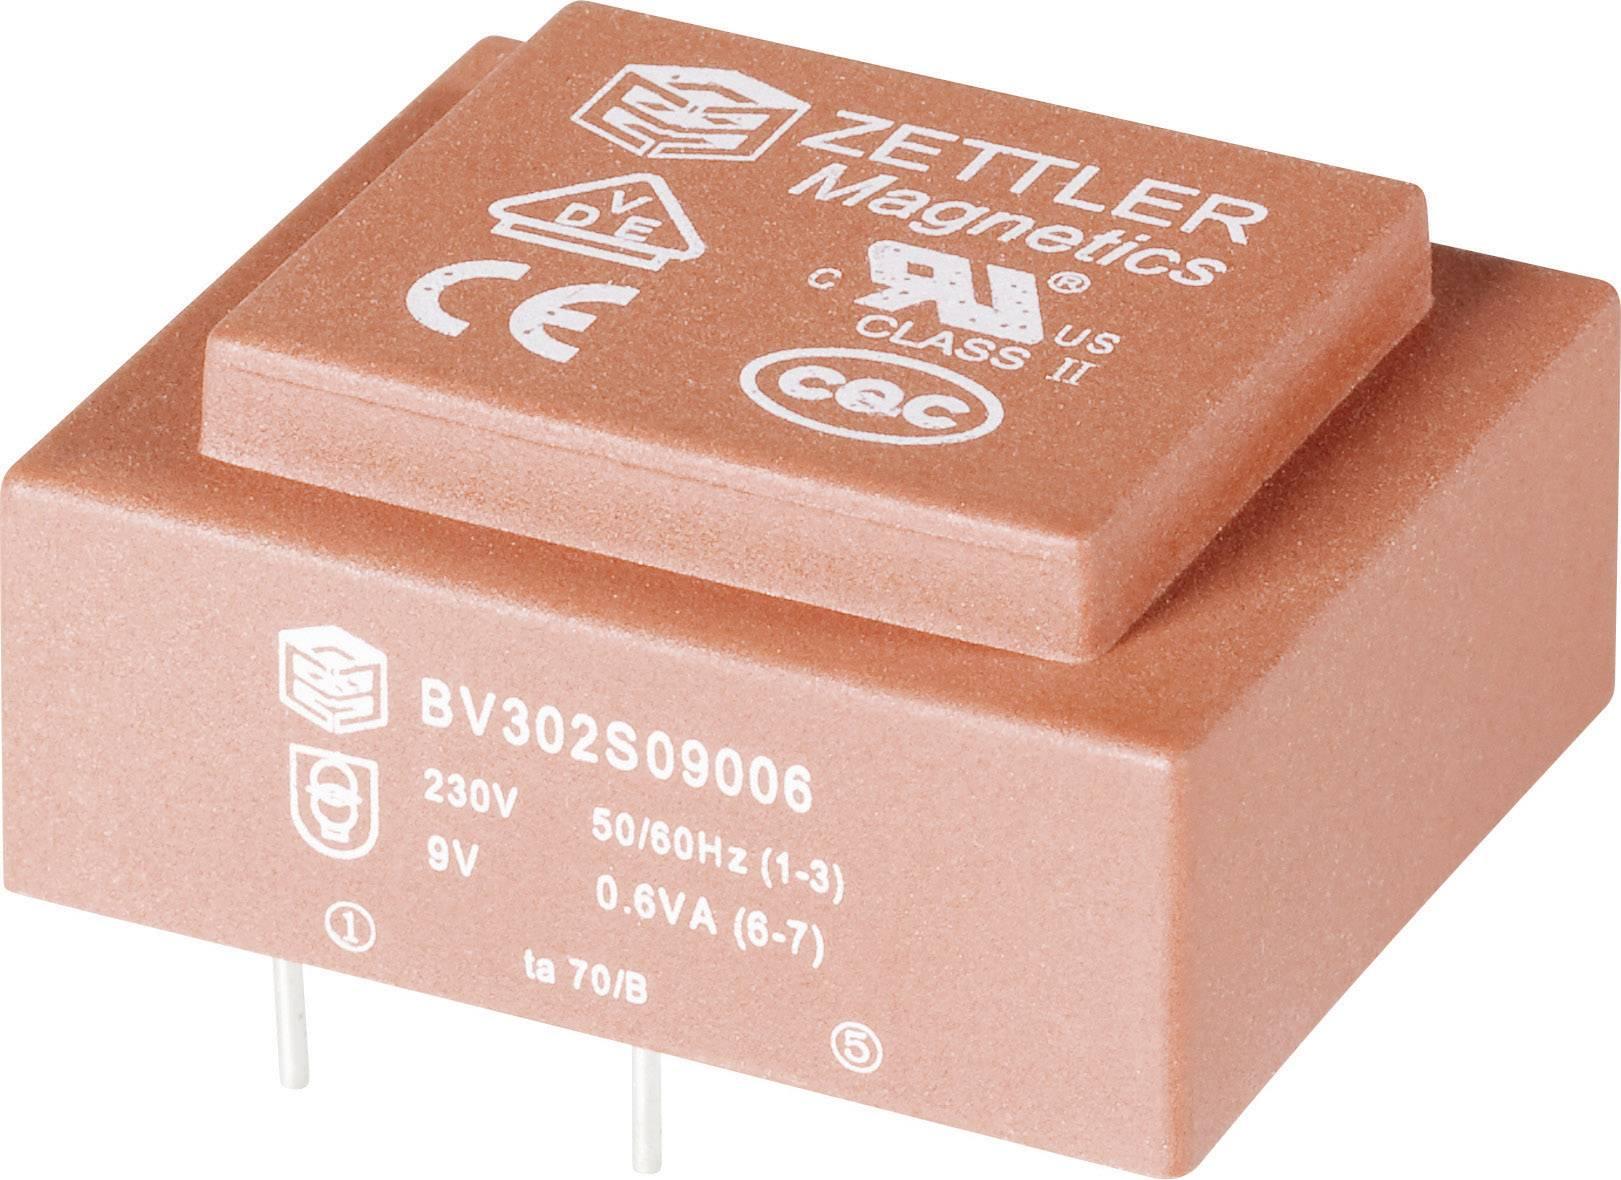 Transformátor do DPS Zettler Magnetics El30, 230 V/2x 18 V, 2x 17 mA, 1,8 VA